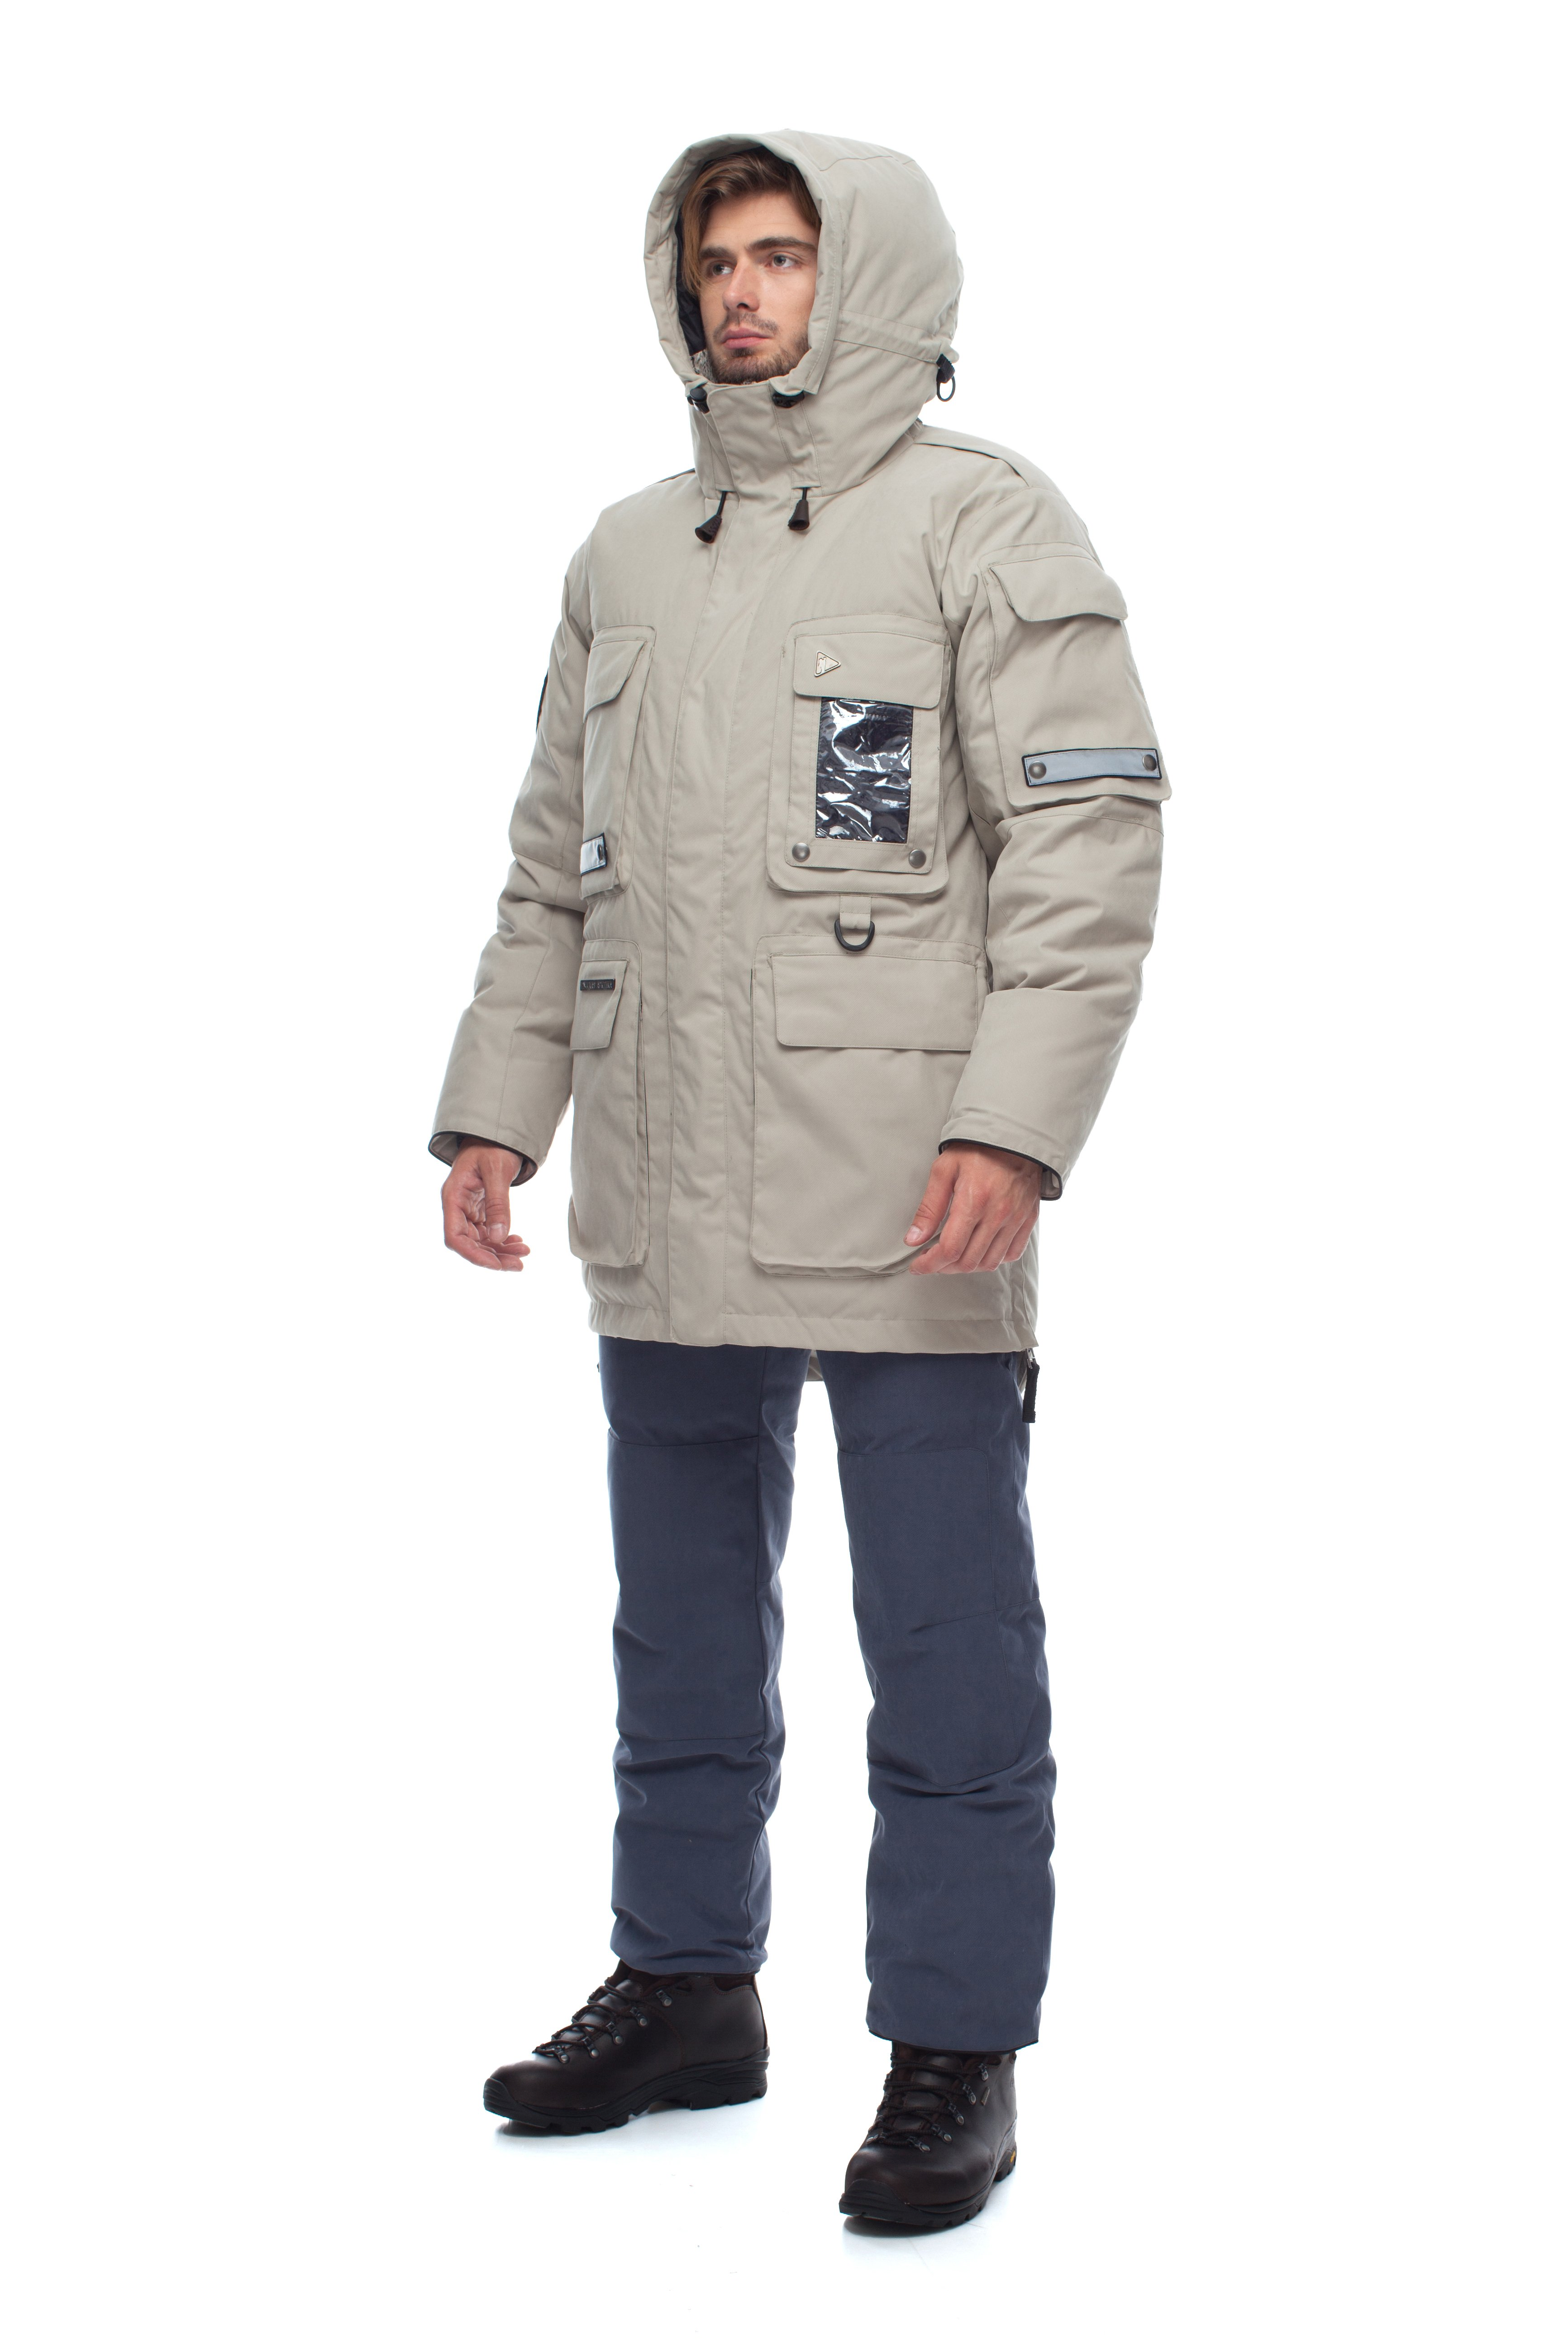 Пуховая куртка BASK YAMAL 3772Мужская пуховая куртка была разработана для промышленных и коммерческих работ в самых холодных районах планеты и для суровых зимних условий.<br><br>Верхняя ткань: Advance® Alaska<br>Вес граммы: 2725<br>Ветро-влагозащитные свойства верхней ткани: Да<br>Ветрозащитная планка: Да<br>Ветрозащитная юбка: Да<br>Влагозащитные молнии: Нет<br>Внутренние манжеты: Да<br>Внутренняя ткань: Advance® Classic<br>Водонепроницаемость: 5000<br>Дублирующий центральную молнию клапан: Да<br>Защитный козырёк капюшона: Нет<br>Капюшон: несъемный<br>Карман для средств связи: Да<br>Количество внешних карманов: 7<br>Количество внутренних карманов: 6<br>Мембрана: да<br>Объемный крой локтевой зоны: Да<br>Отстёгивающиеся рукава: Нет<br>Паропроницаемость: 5000<br>Показатель Fill Power (для пуховых изделий): 650<br>Пол: Муж.<br>Проклейка швов: Нет<br>Регулировка манжетов рукавов: Нет<br>Регулировка низа: Нет<br>Регулировка объёма капюшона: Да<br>Регулировка талии: Да<br>Регулируемые вентиляционные отверстия: Нет<br>Световозвращающая лента: Да<br>Температурный режим: -40<br>Технология Thermal Welding: Нет<br>Технология швов: простые<br>Тип молнии: двухзамковая<br>Тип утеплителя: натуральный<br>Усиление контактных зон: Да<br>Утеплитель: гусиный пух<br>Размер RU: 42<br>Цвет: ЧЕРНЫЙ